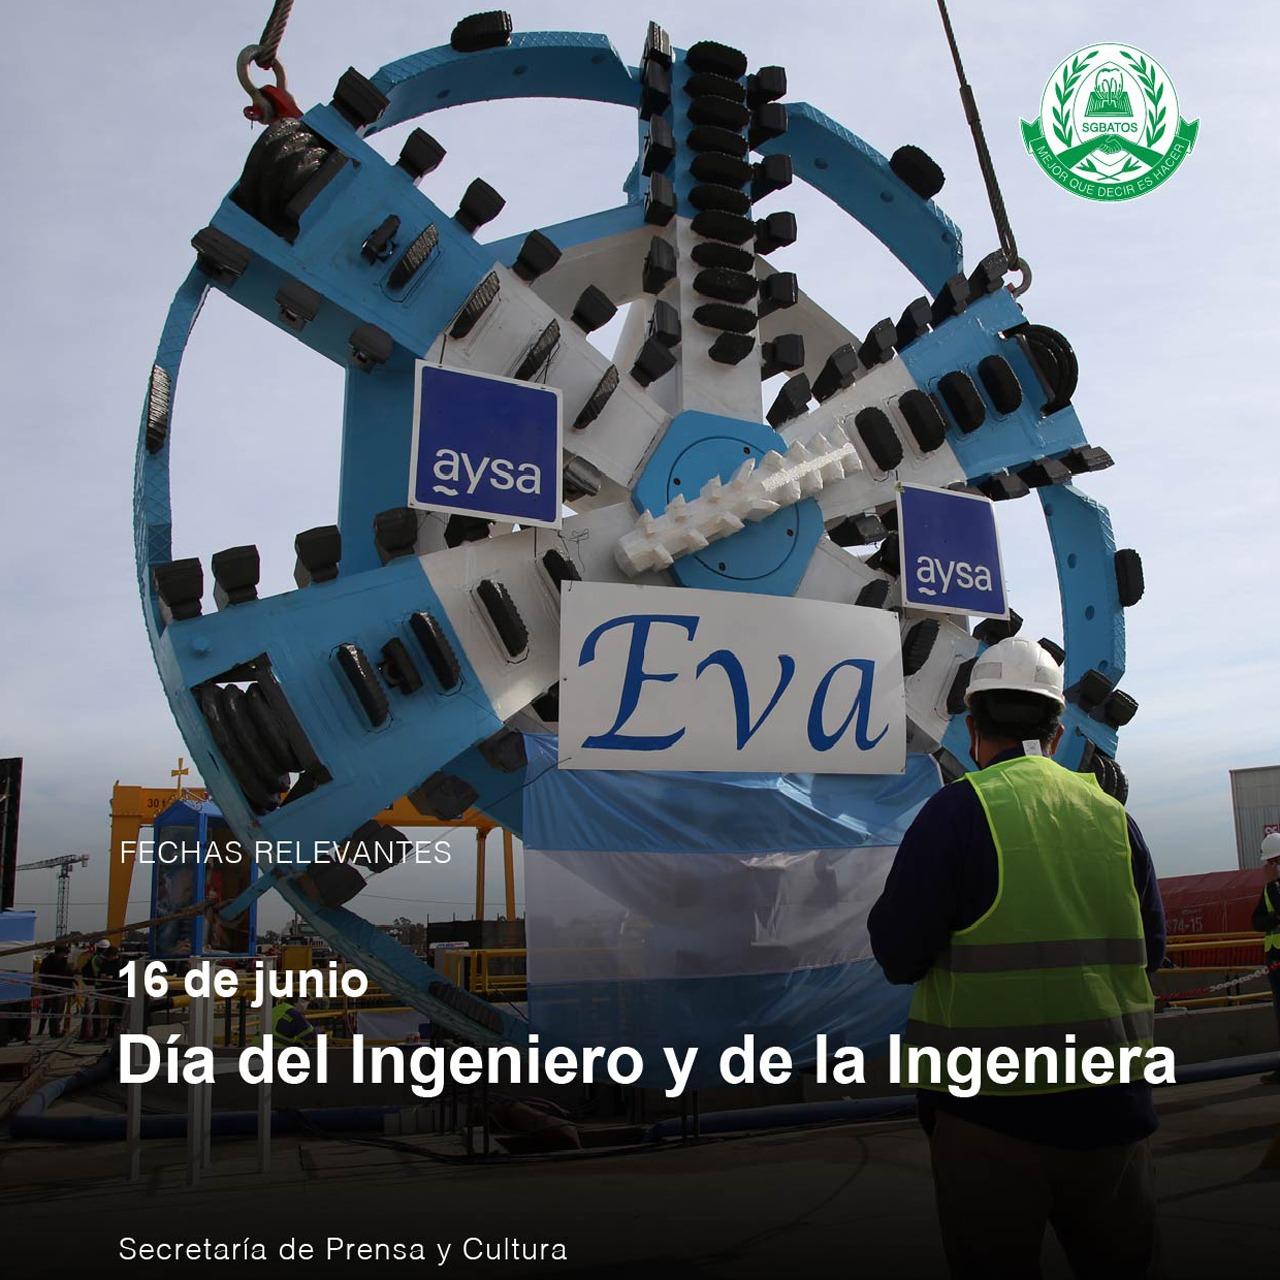 16 de junio – Día del Ingeniero y de la Ingeniera